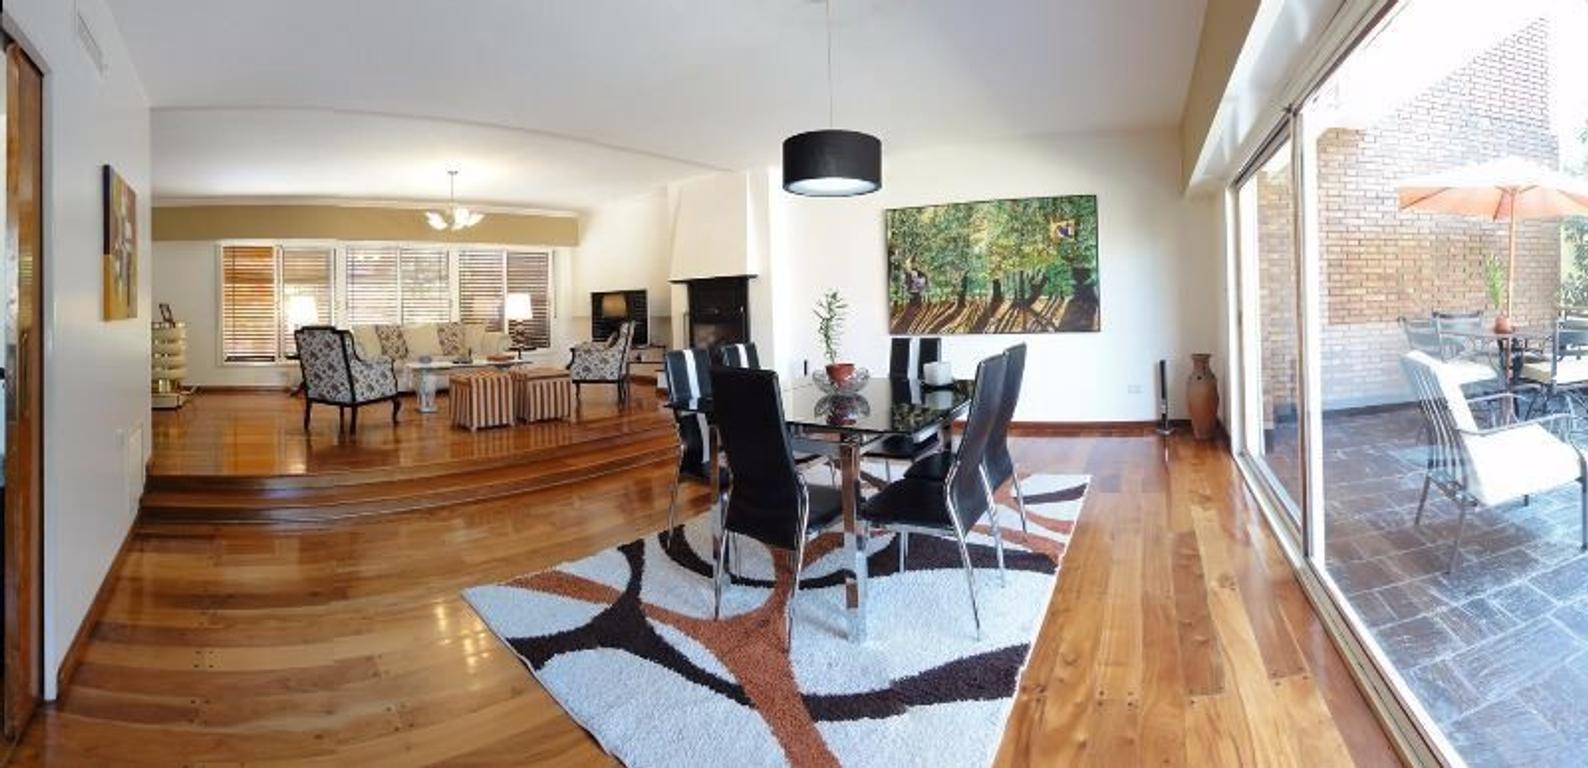 Exclusiva Residencia 5 Dorm., Parque, Piscina y Playroom Ambientes Amplios